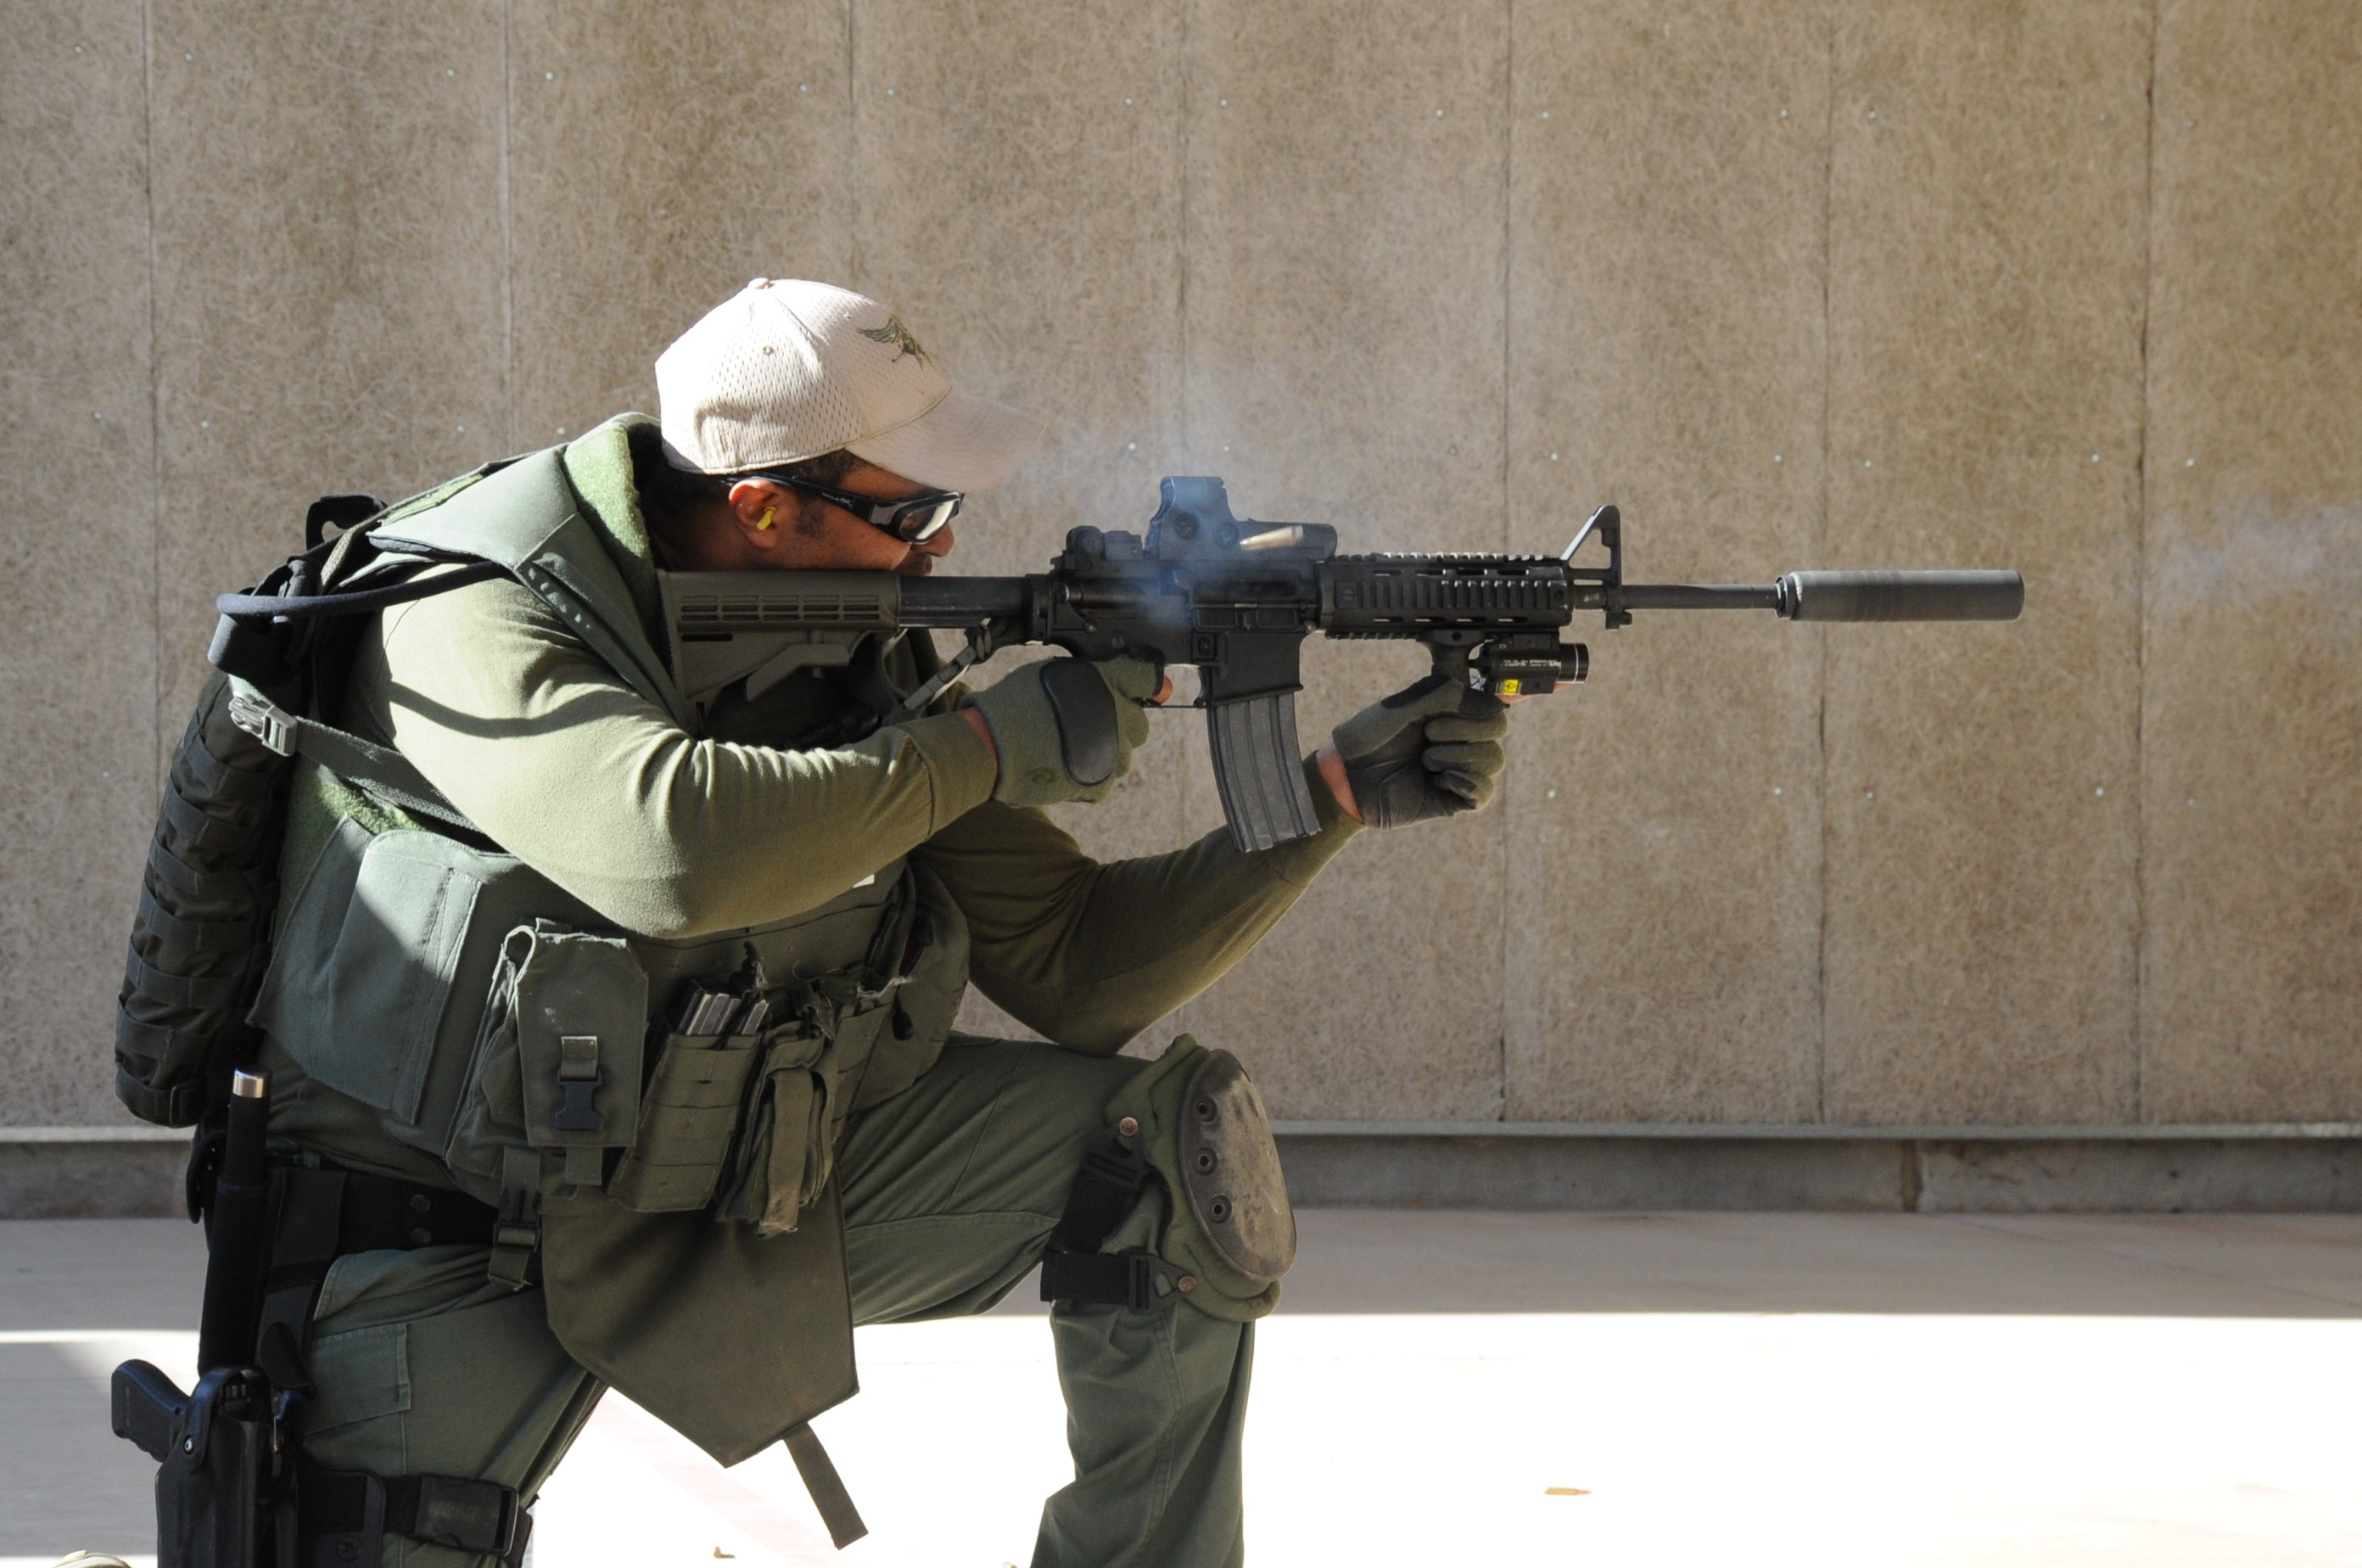 Res: 2784x1848, File:Falls SWAT team member.JPG